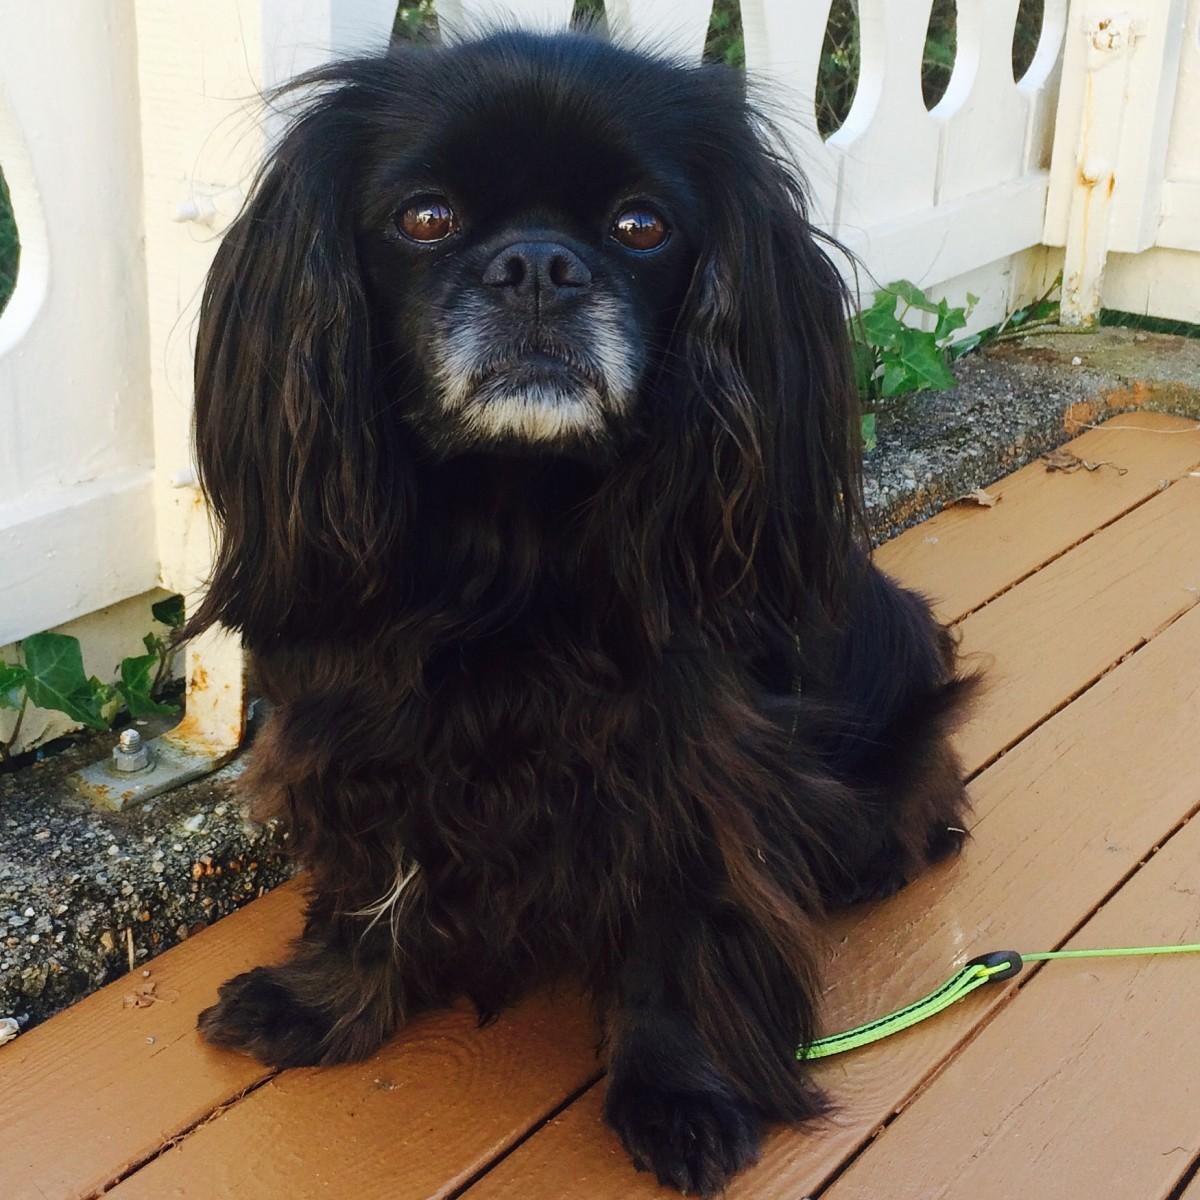 Årets Plush Puppy hund? Møt Molly!